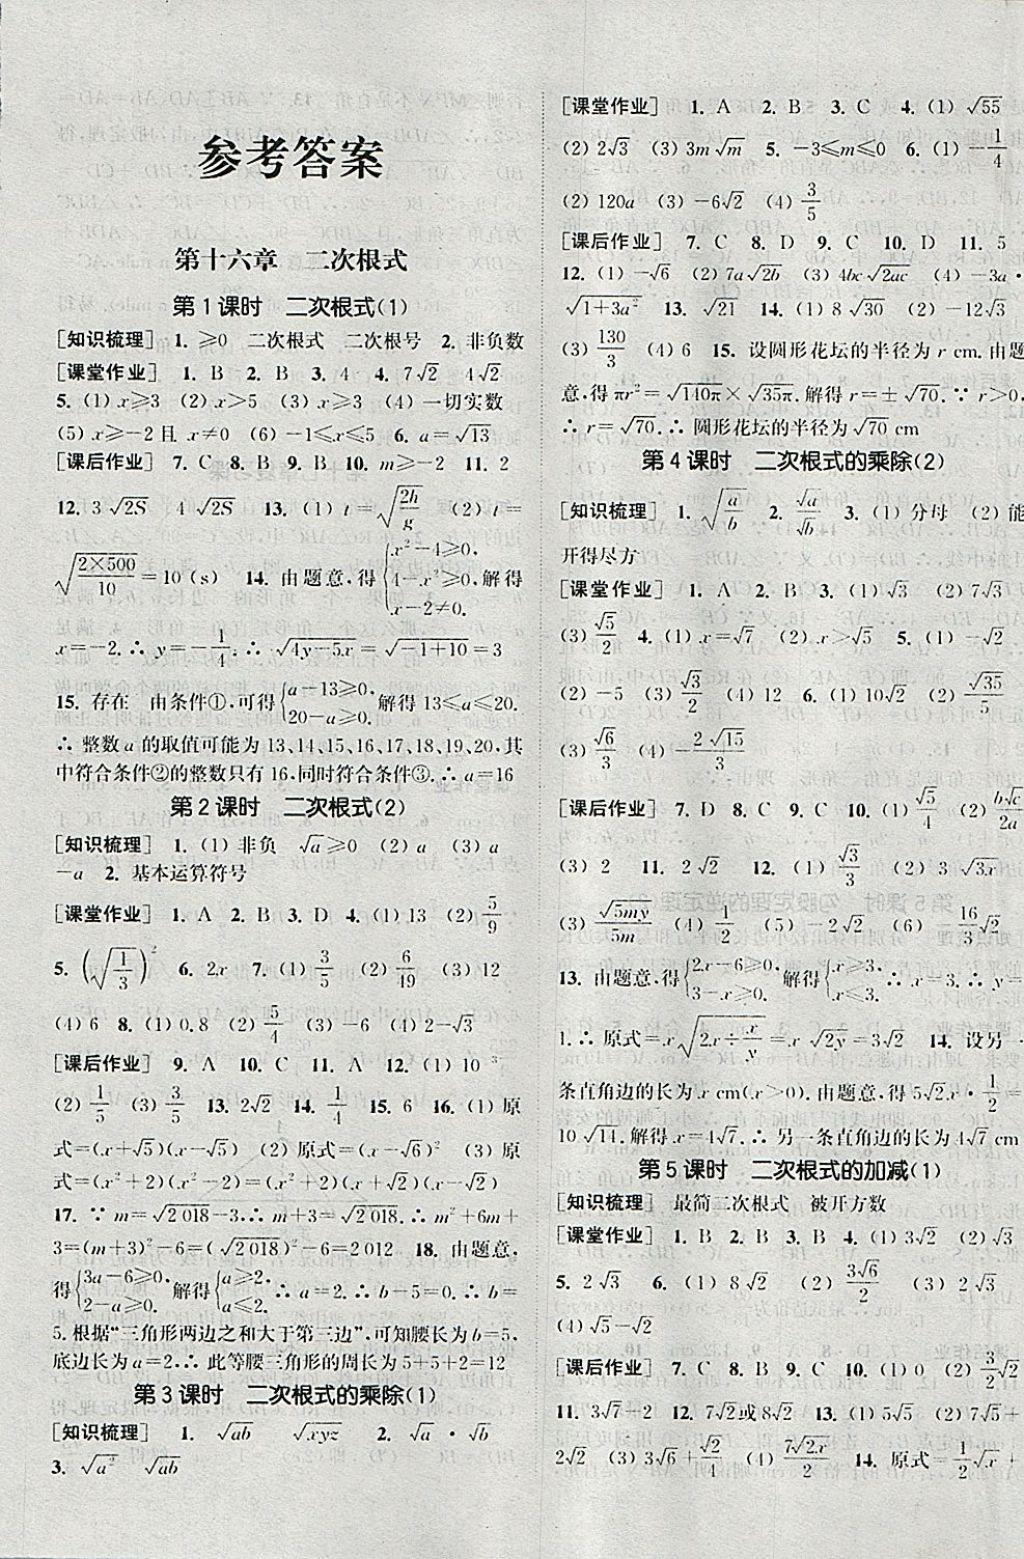 2018年通城学典课时作业本八年级数学下册人教版参考答案第1页